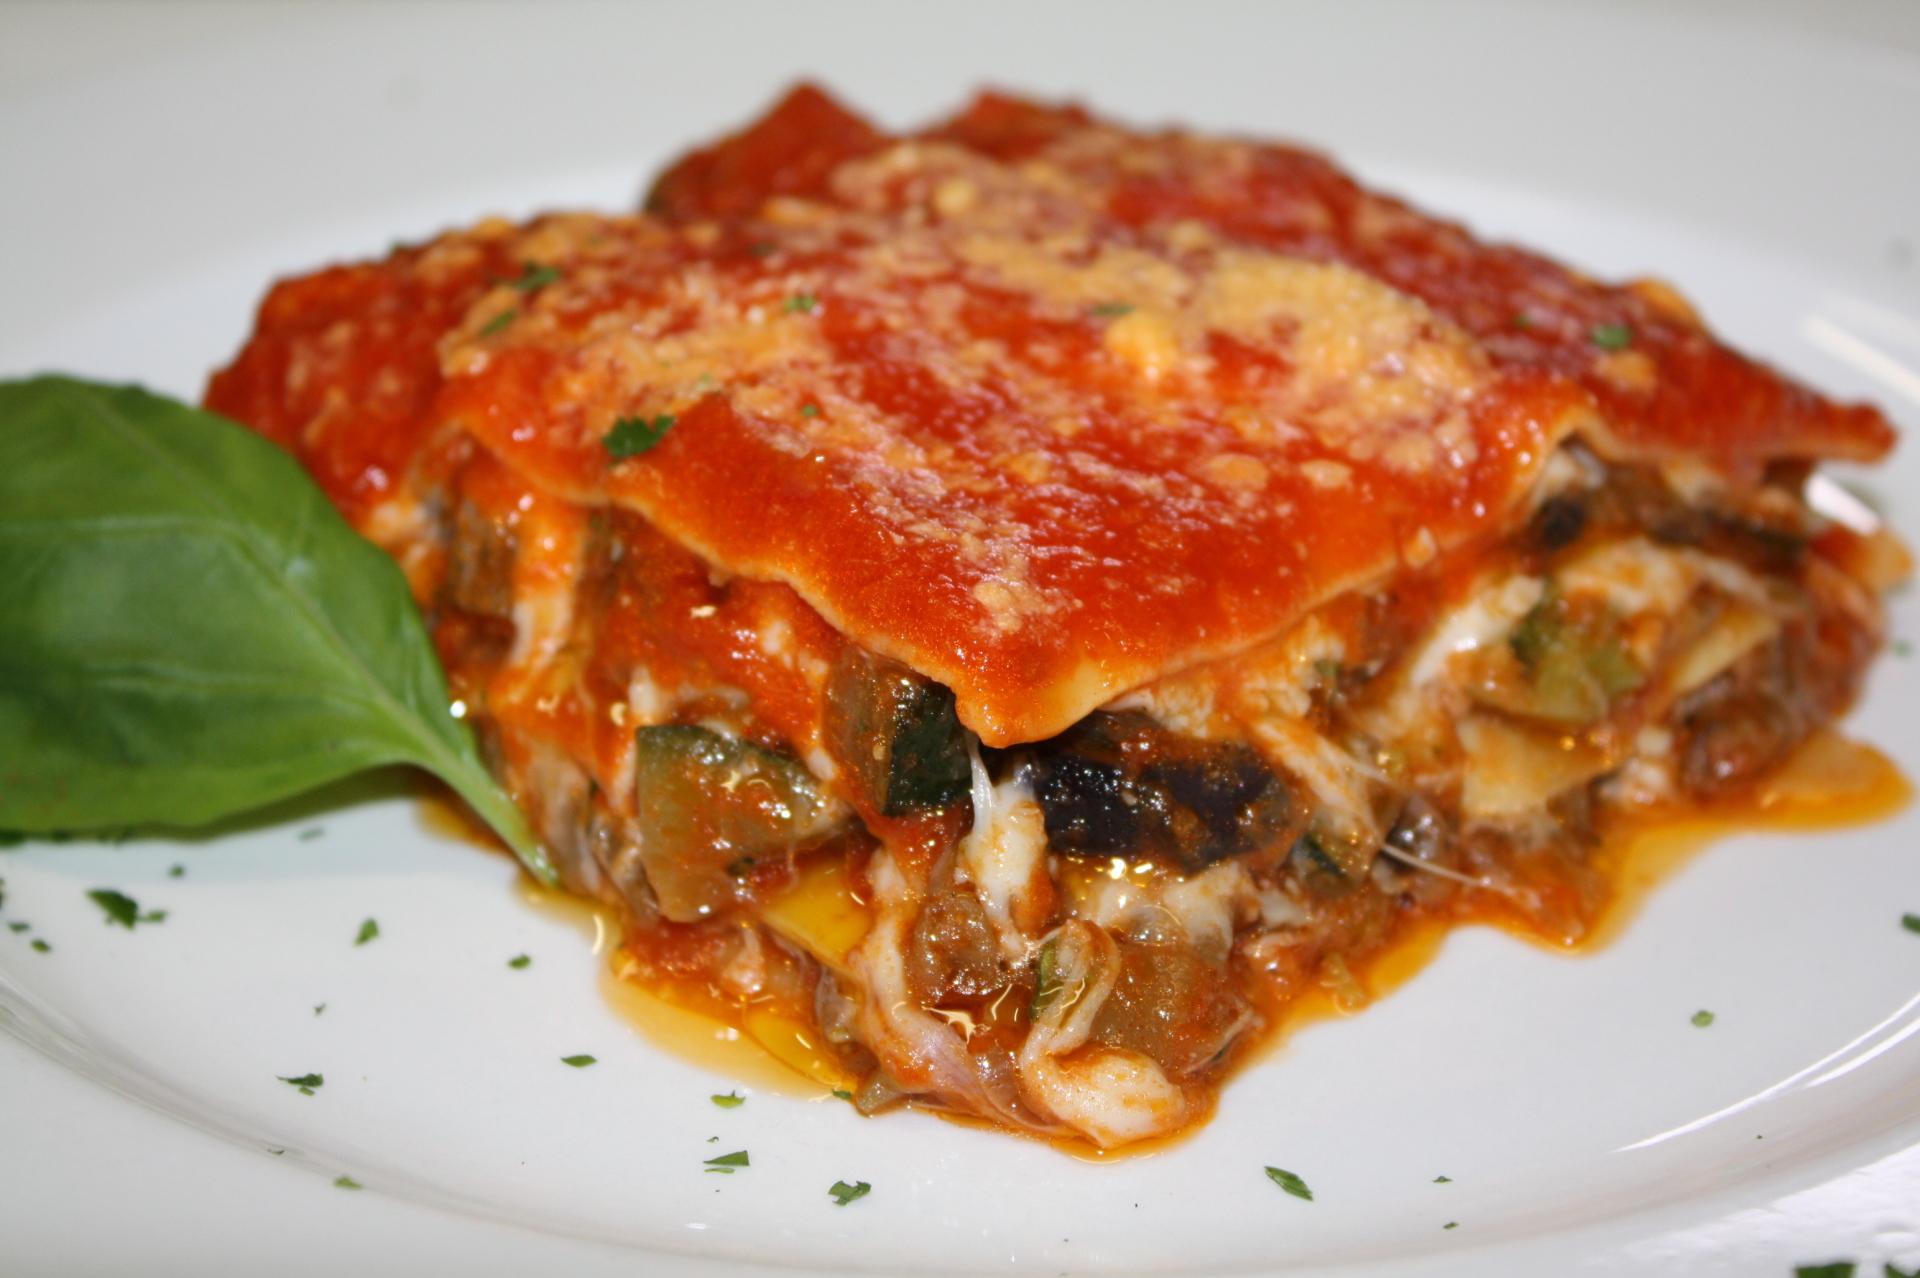 Vegetarian Lasagna Price: $26 (6-8pcs)